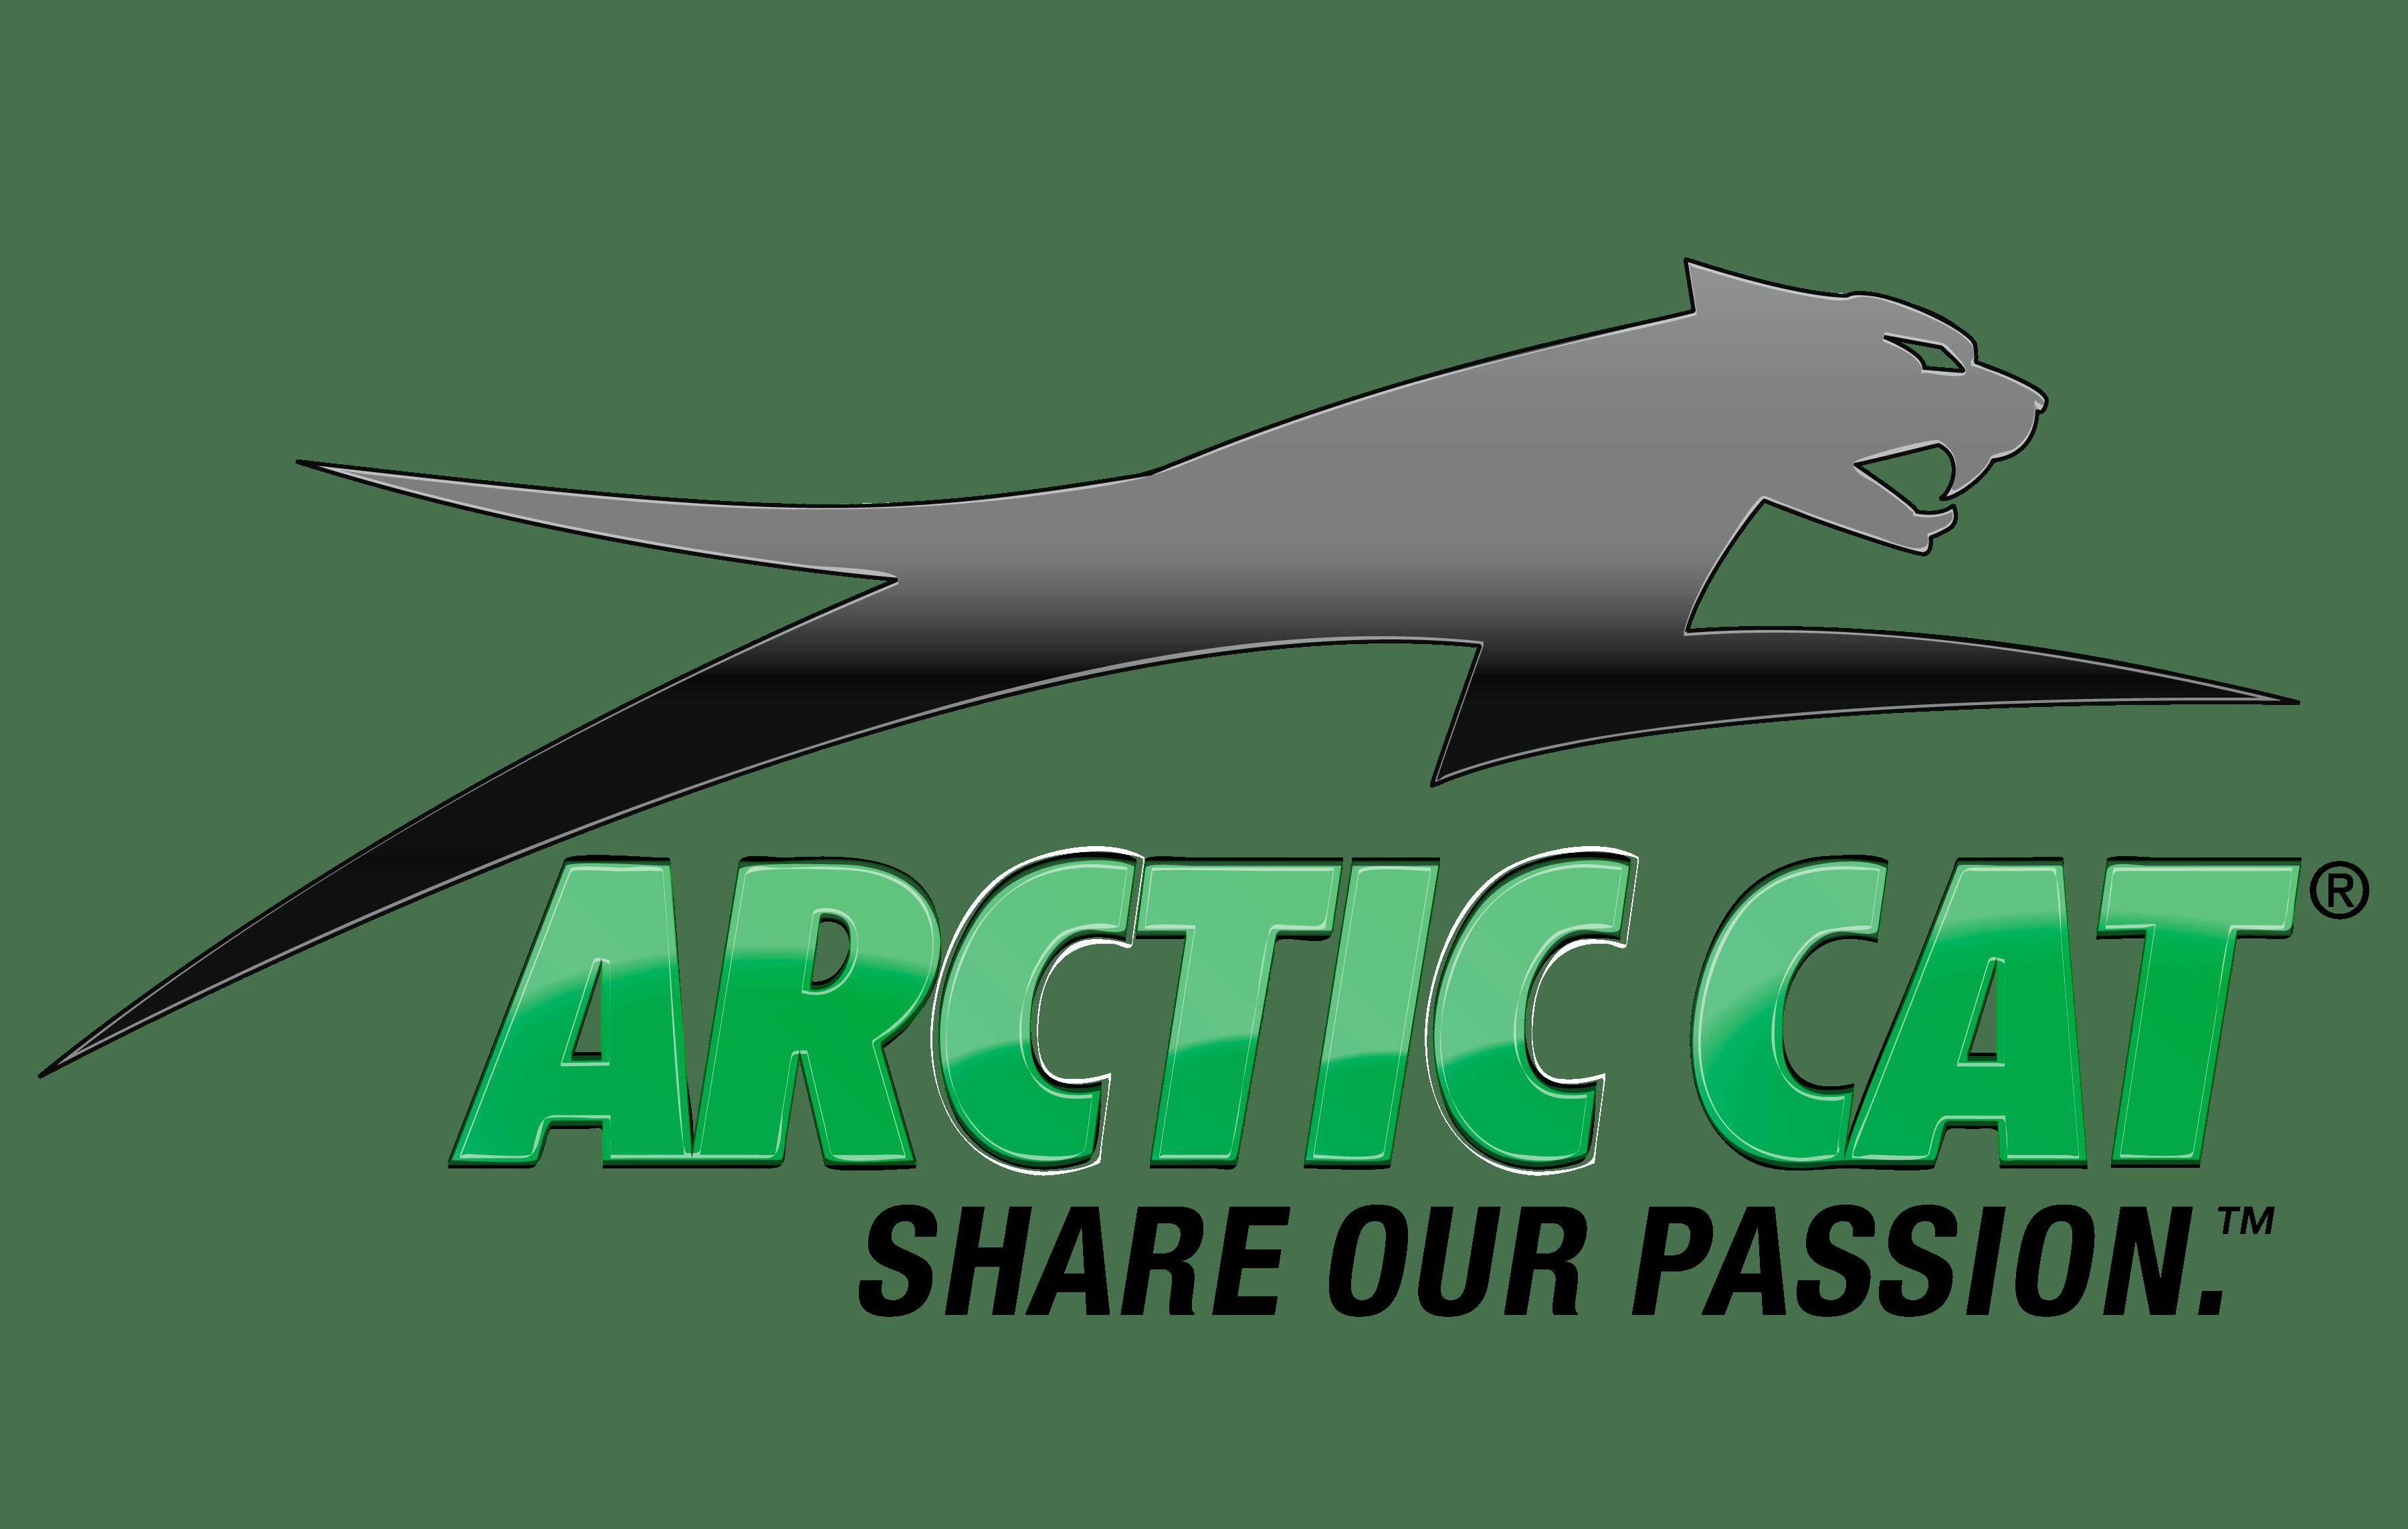 Arctic cat clipart image black and white stock Arctic Cat Logo Pdf - Alternative Clipart Design • image black and white stock